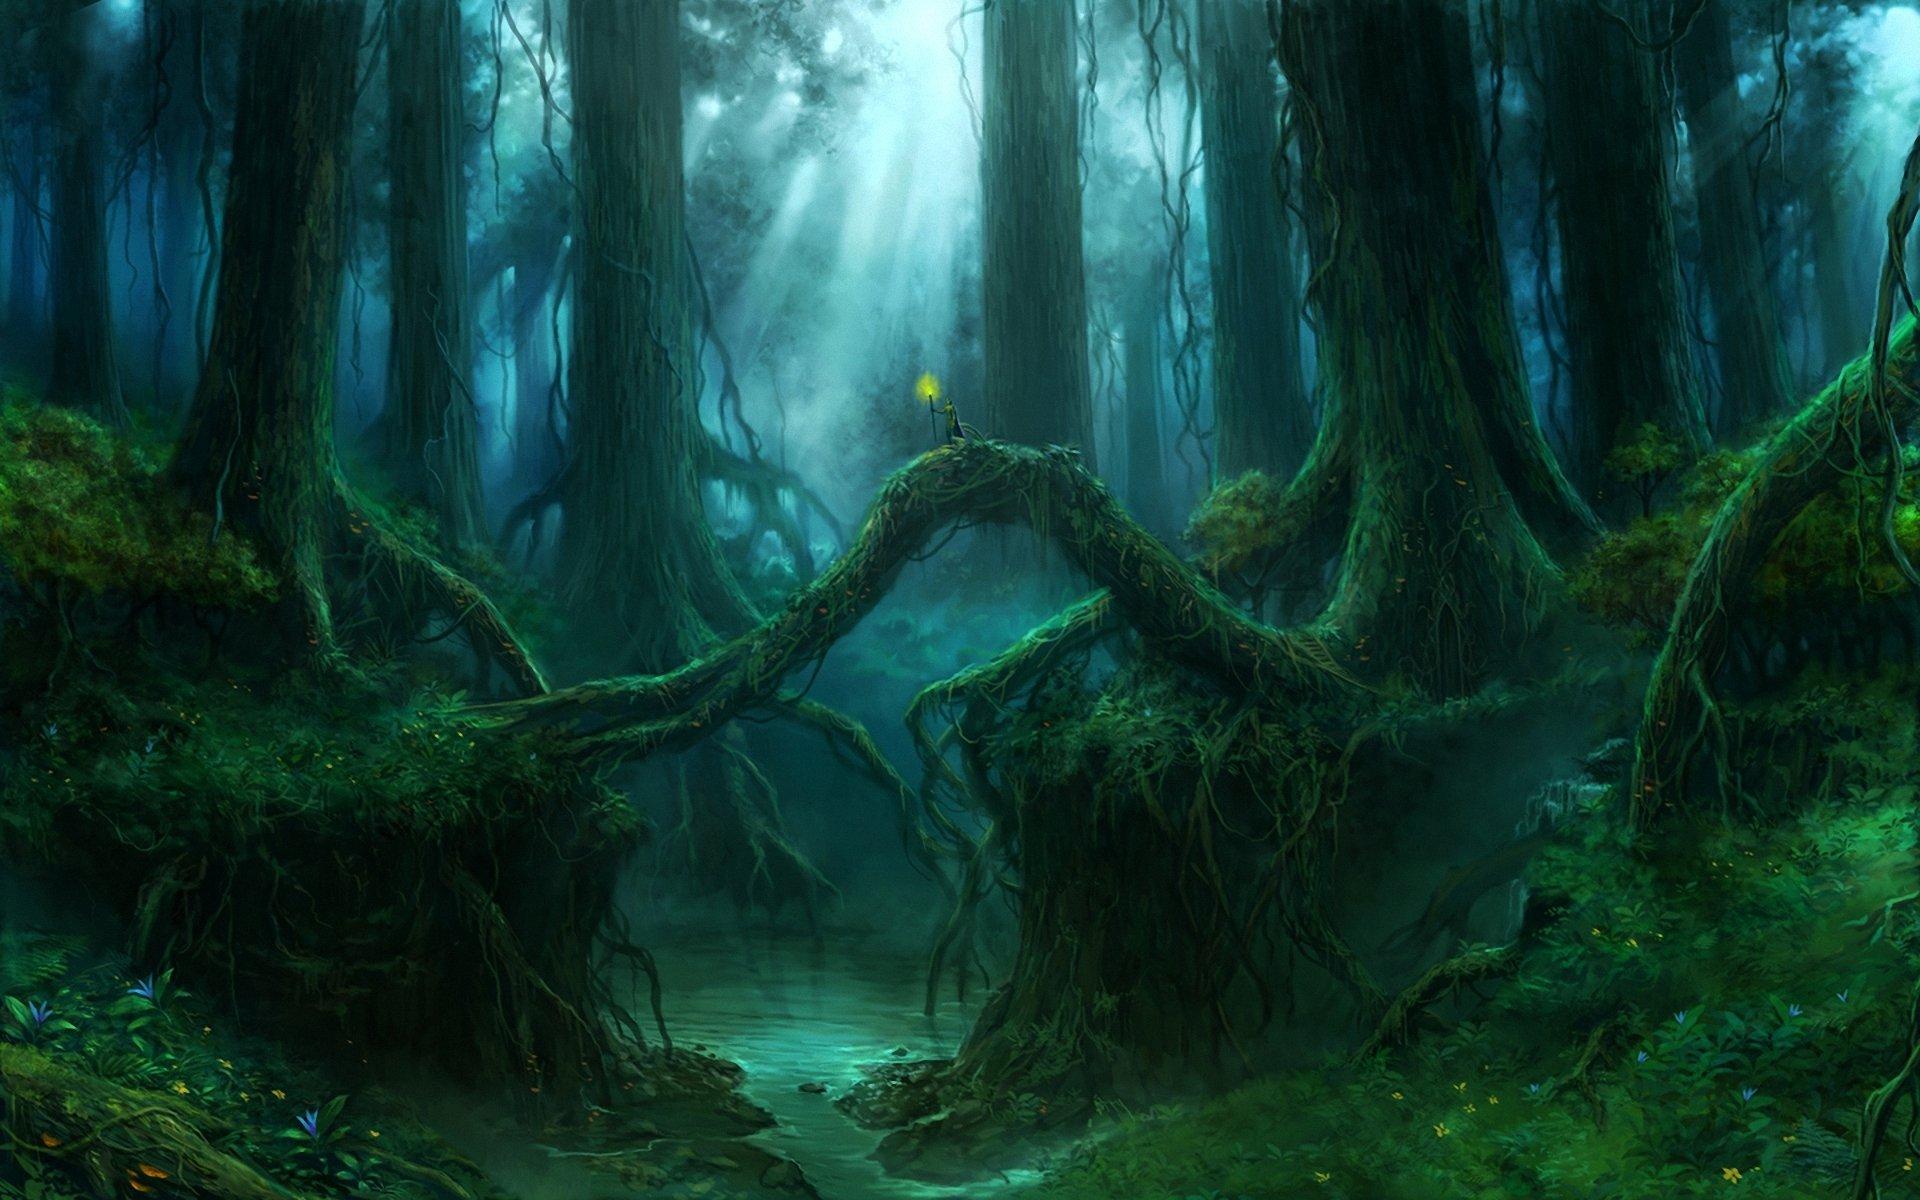 дремучий лес деревья загрузить